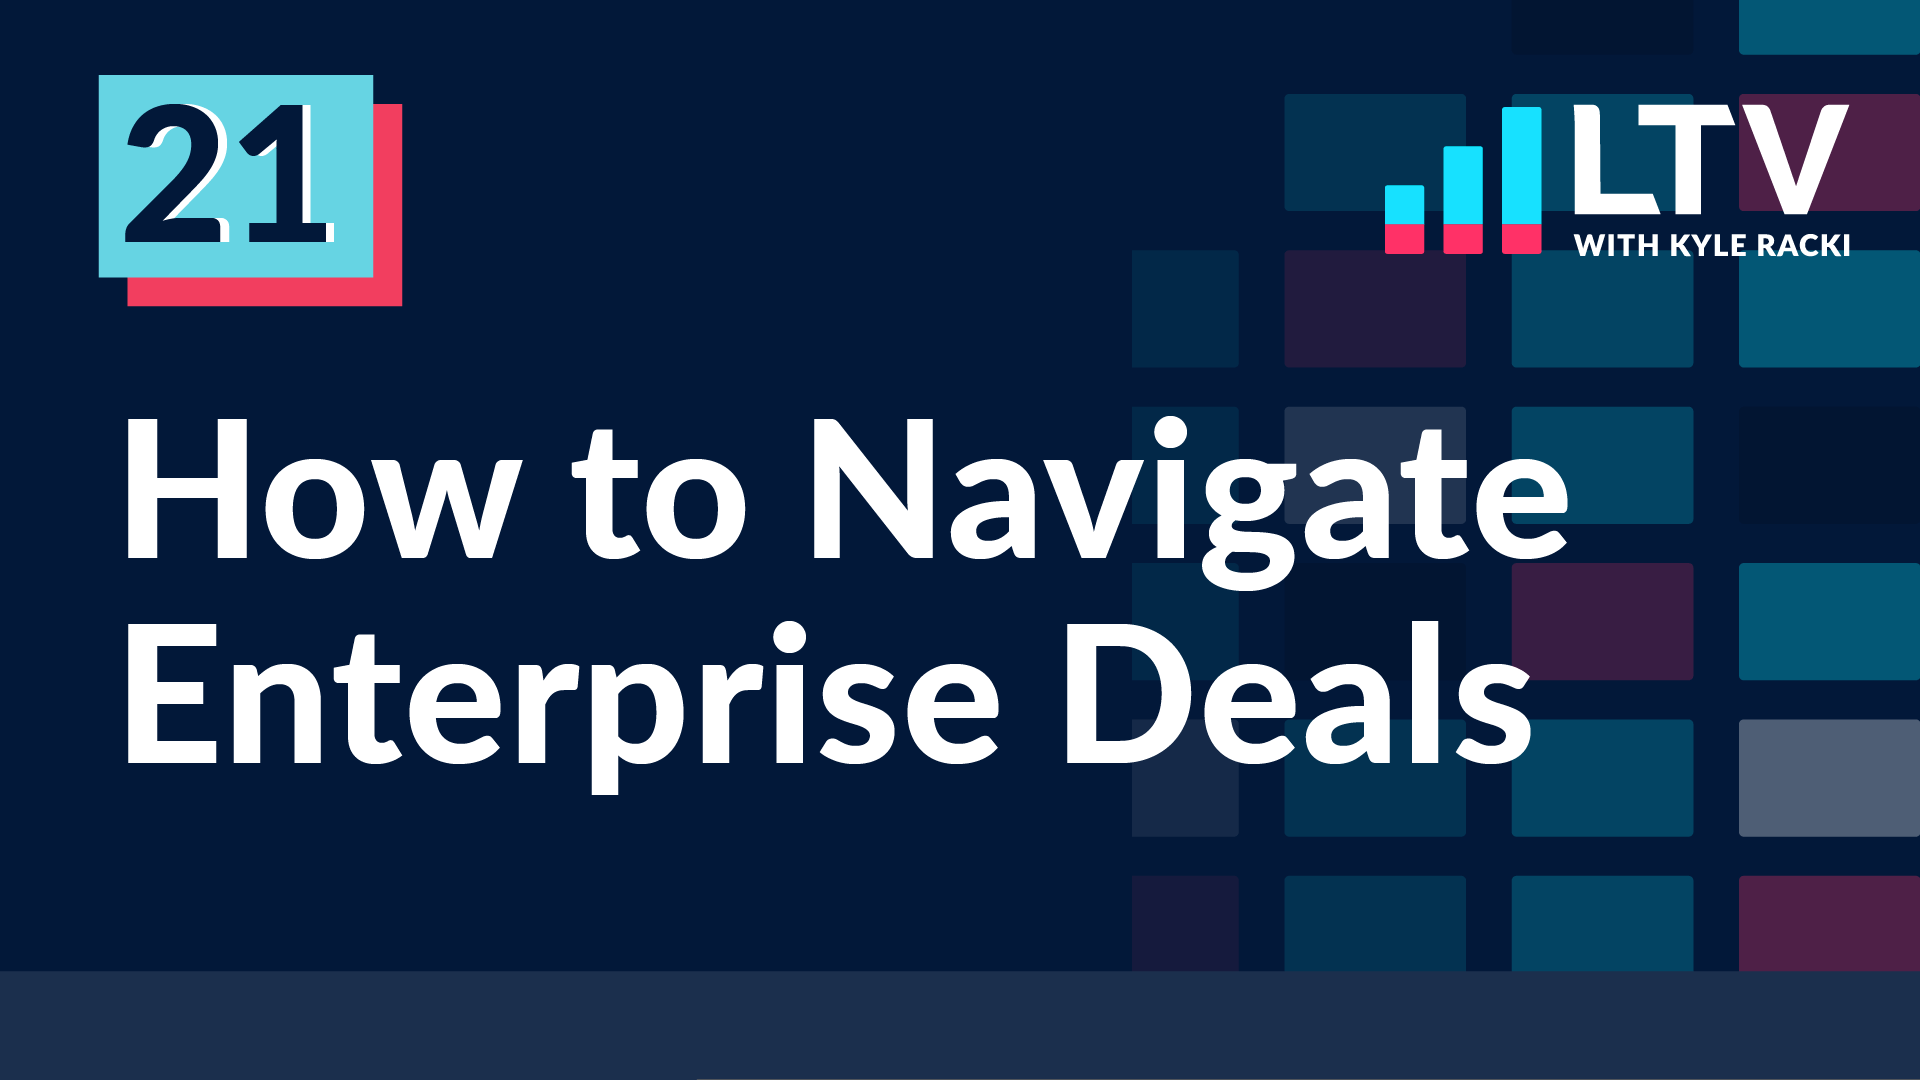 LTV Podcast Episode 21: How to Navigate Enterprise Deals